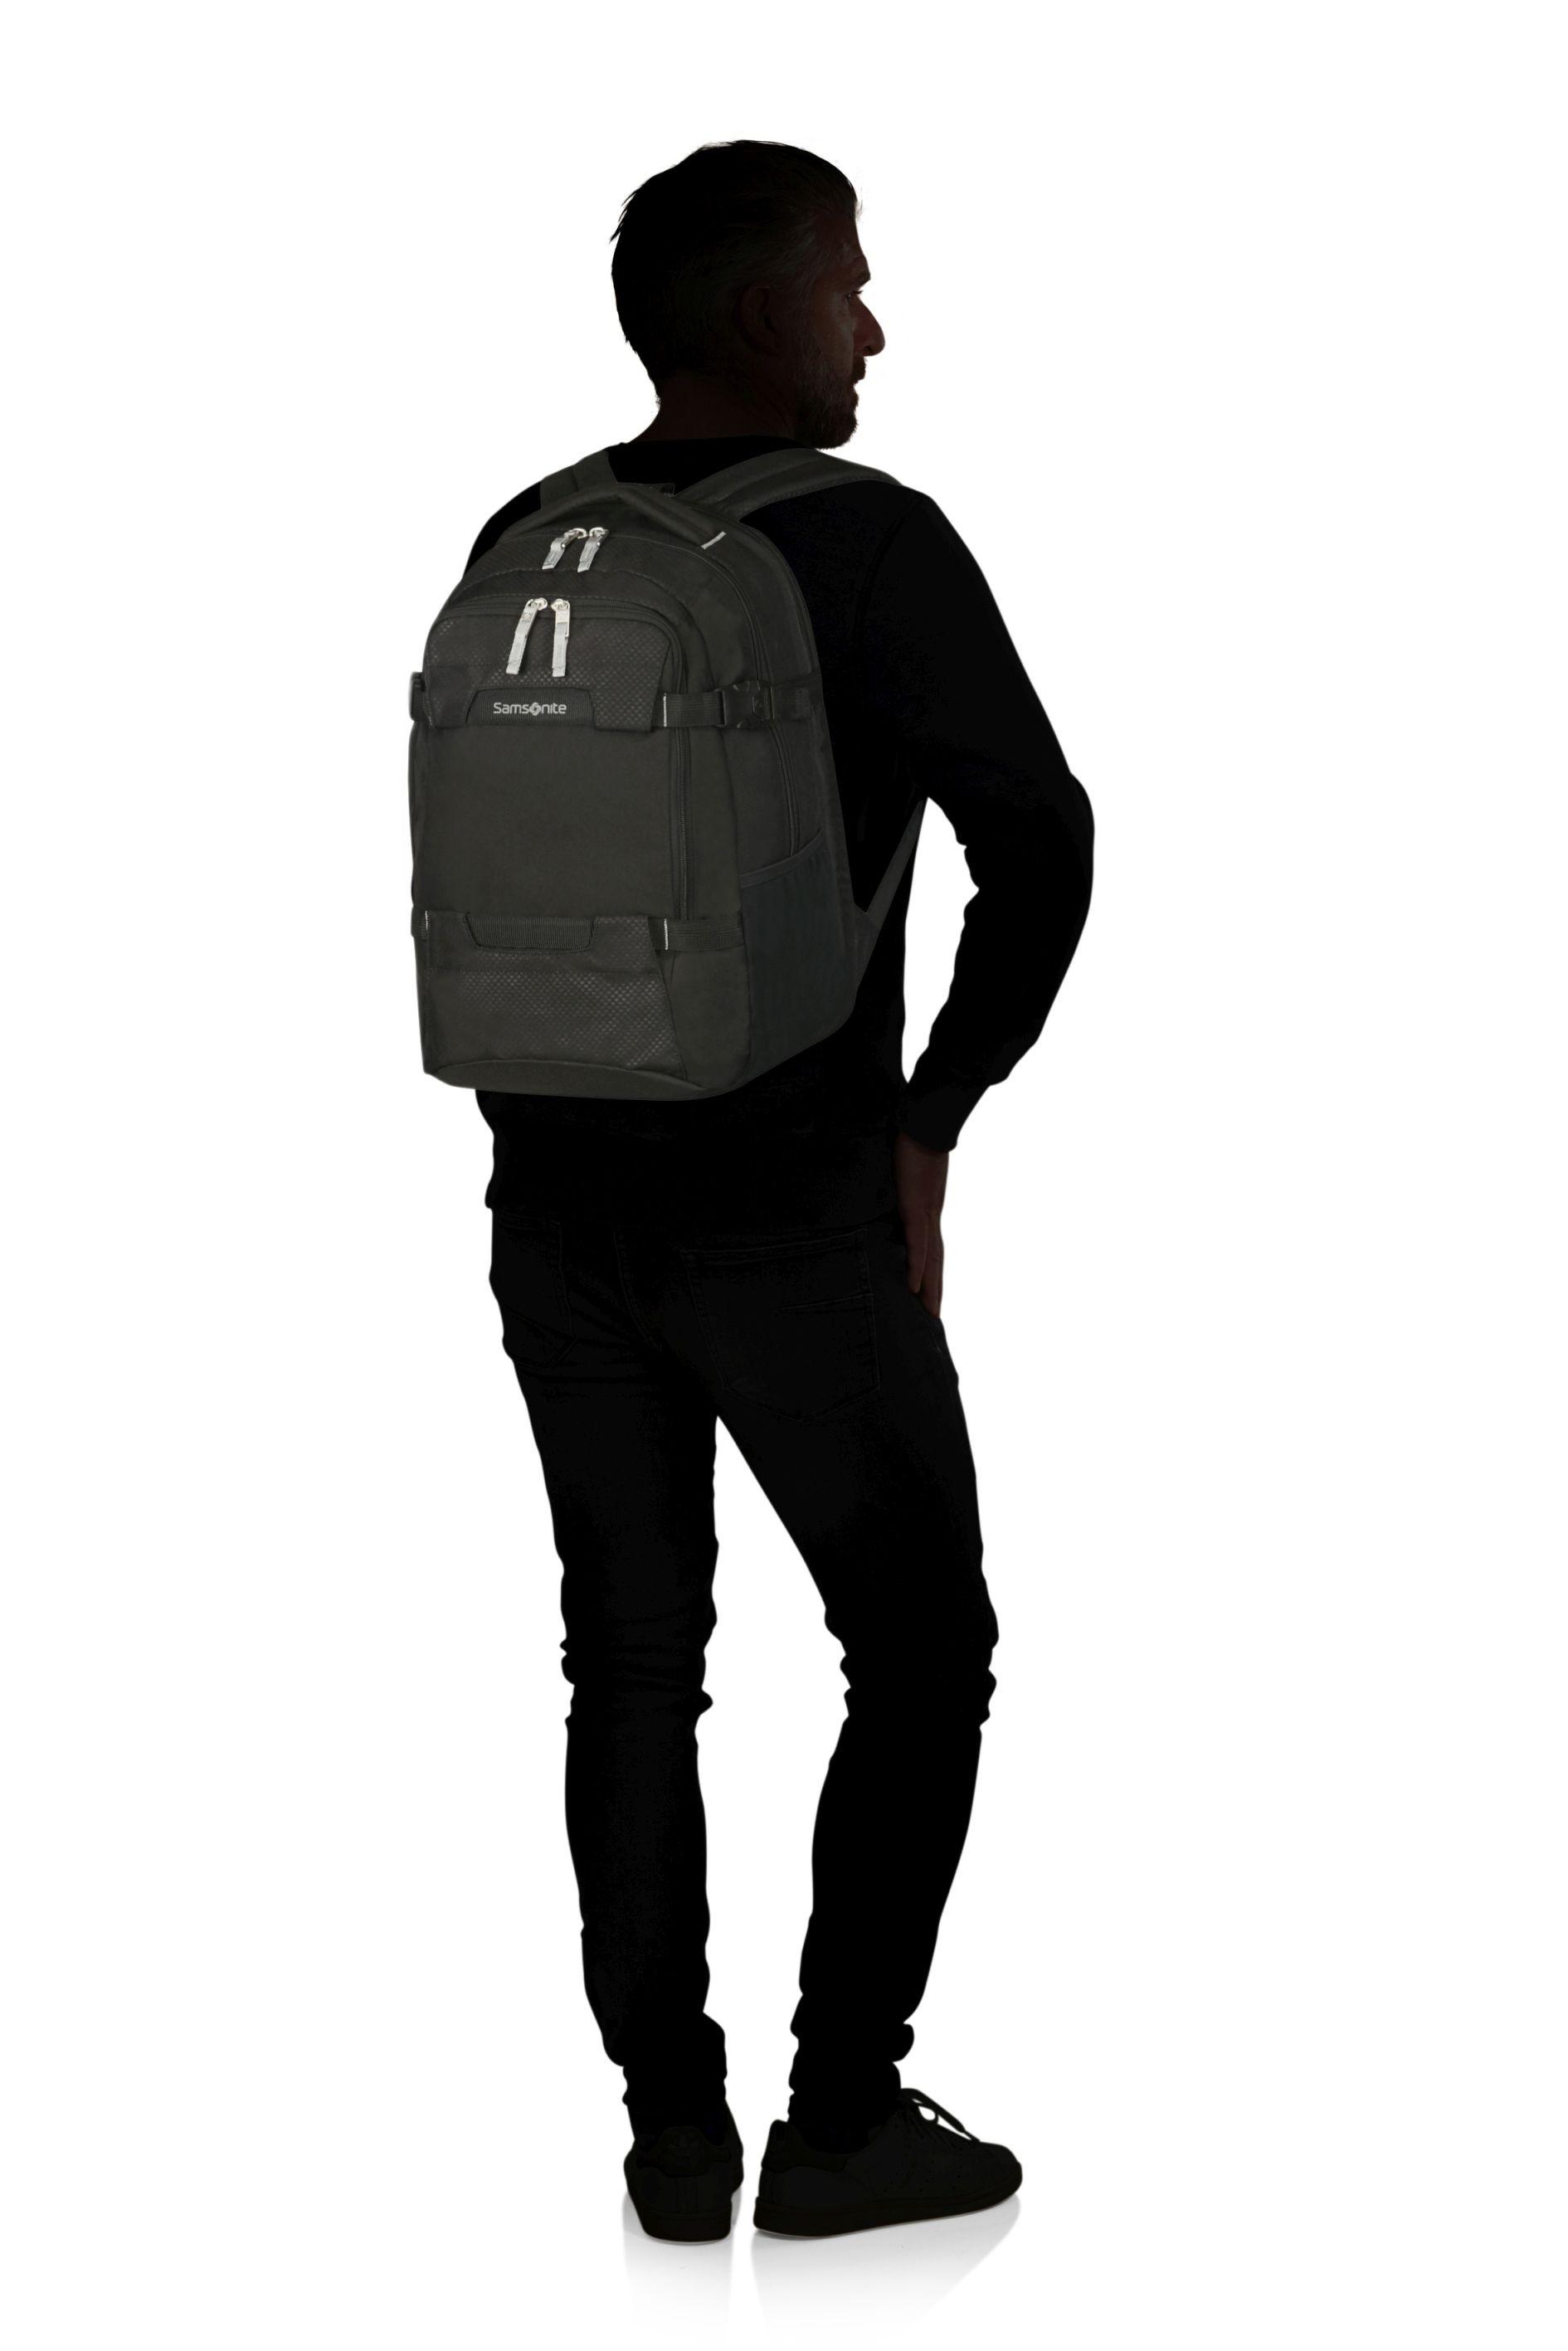 Samsonite Sonora Laptop Backpack L EXP, View 11